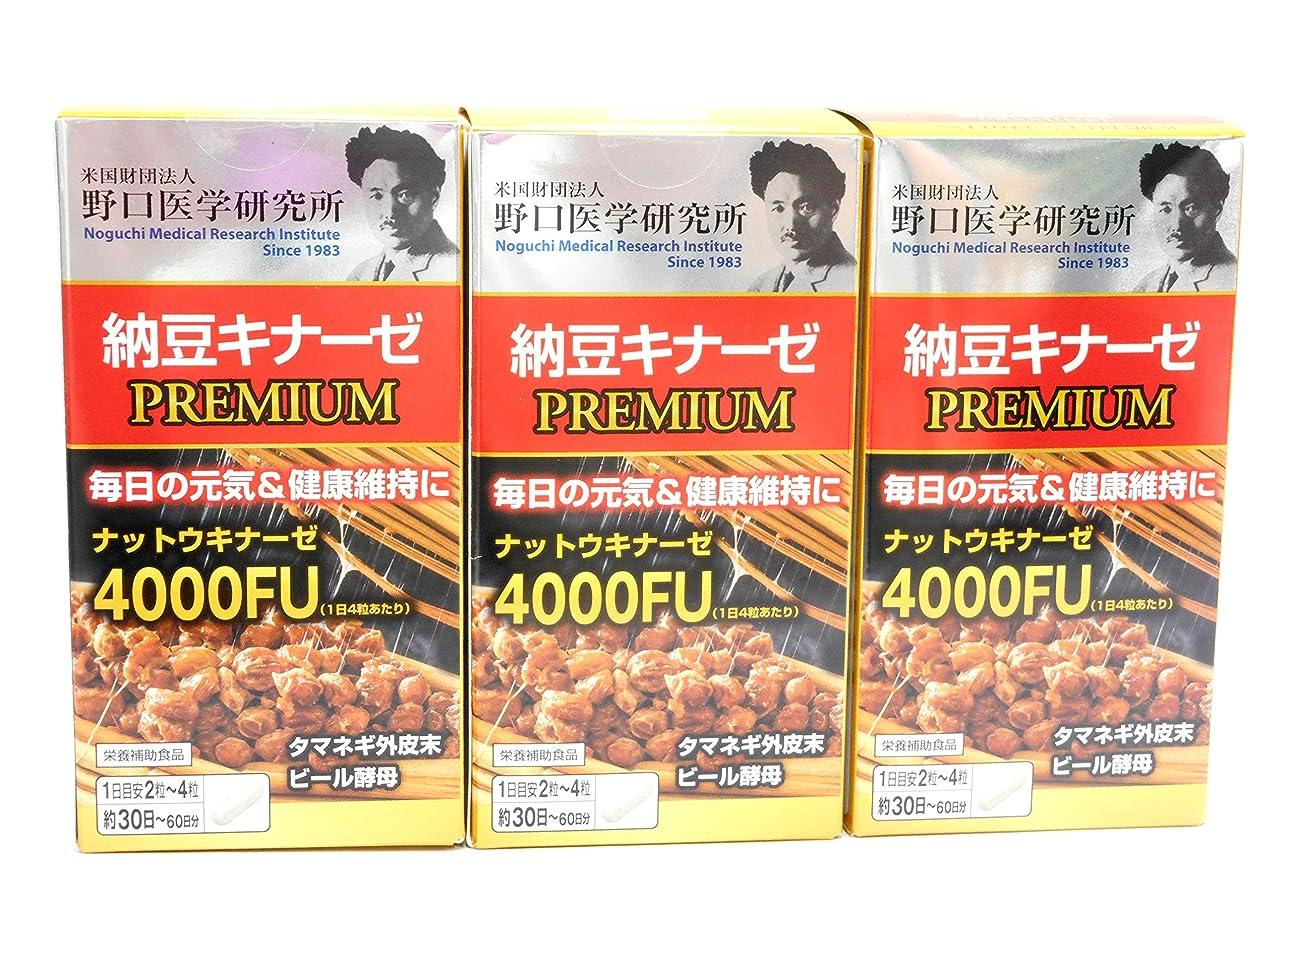 うめきちっちゃいマラドロイト野口医学研究所 納豆キナーゼ プレミアム 4000FU 120粒 x3個セット